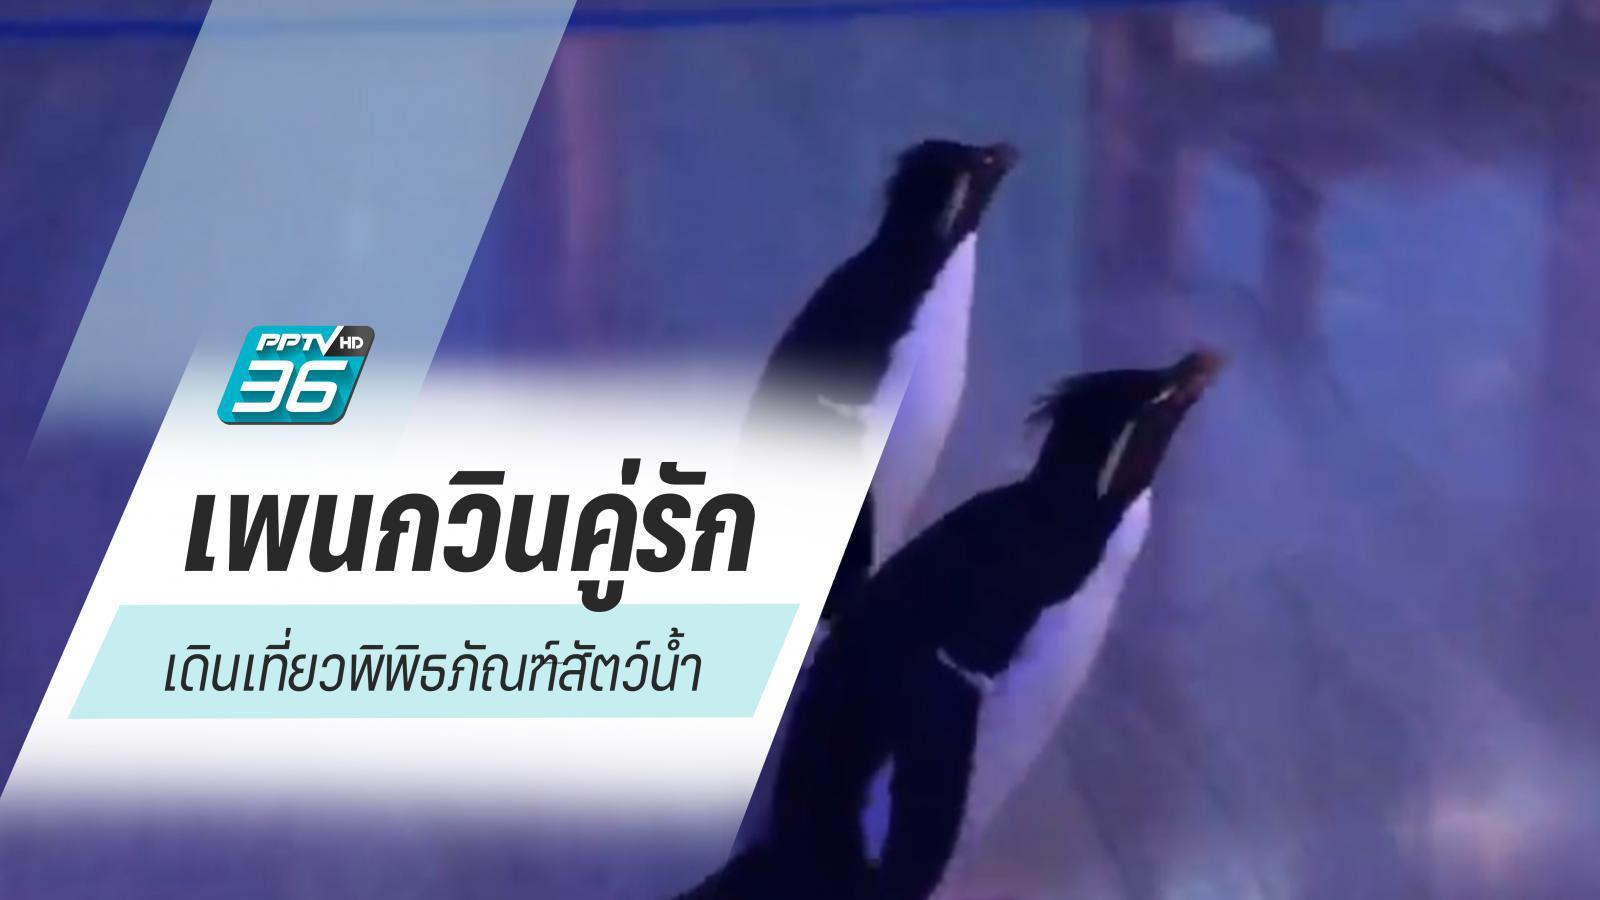 เพนกวินคู่รักจูงมือ เที่ยว Aquarium  ช่วงปิดทำการหนีโควิด-19